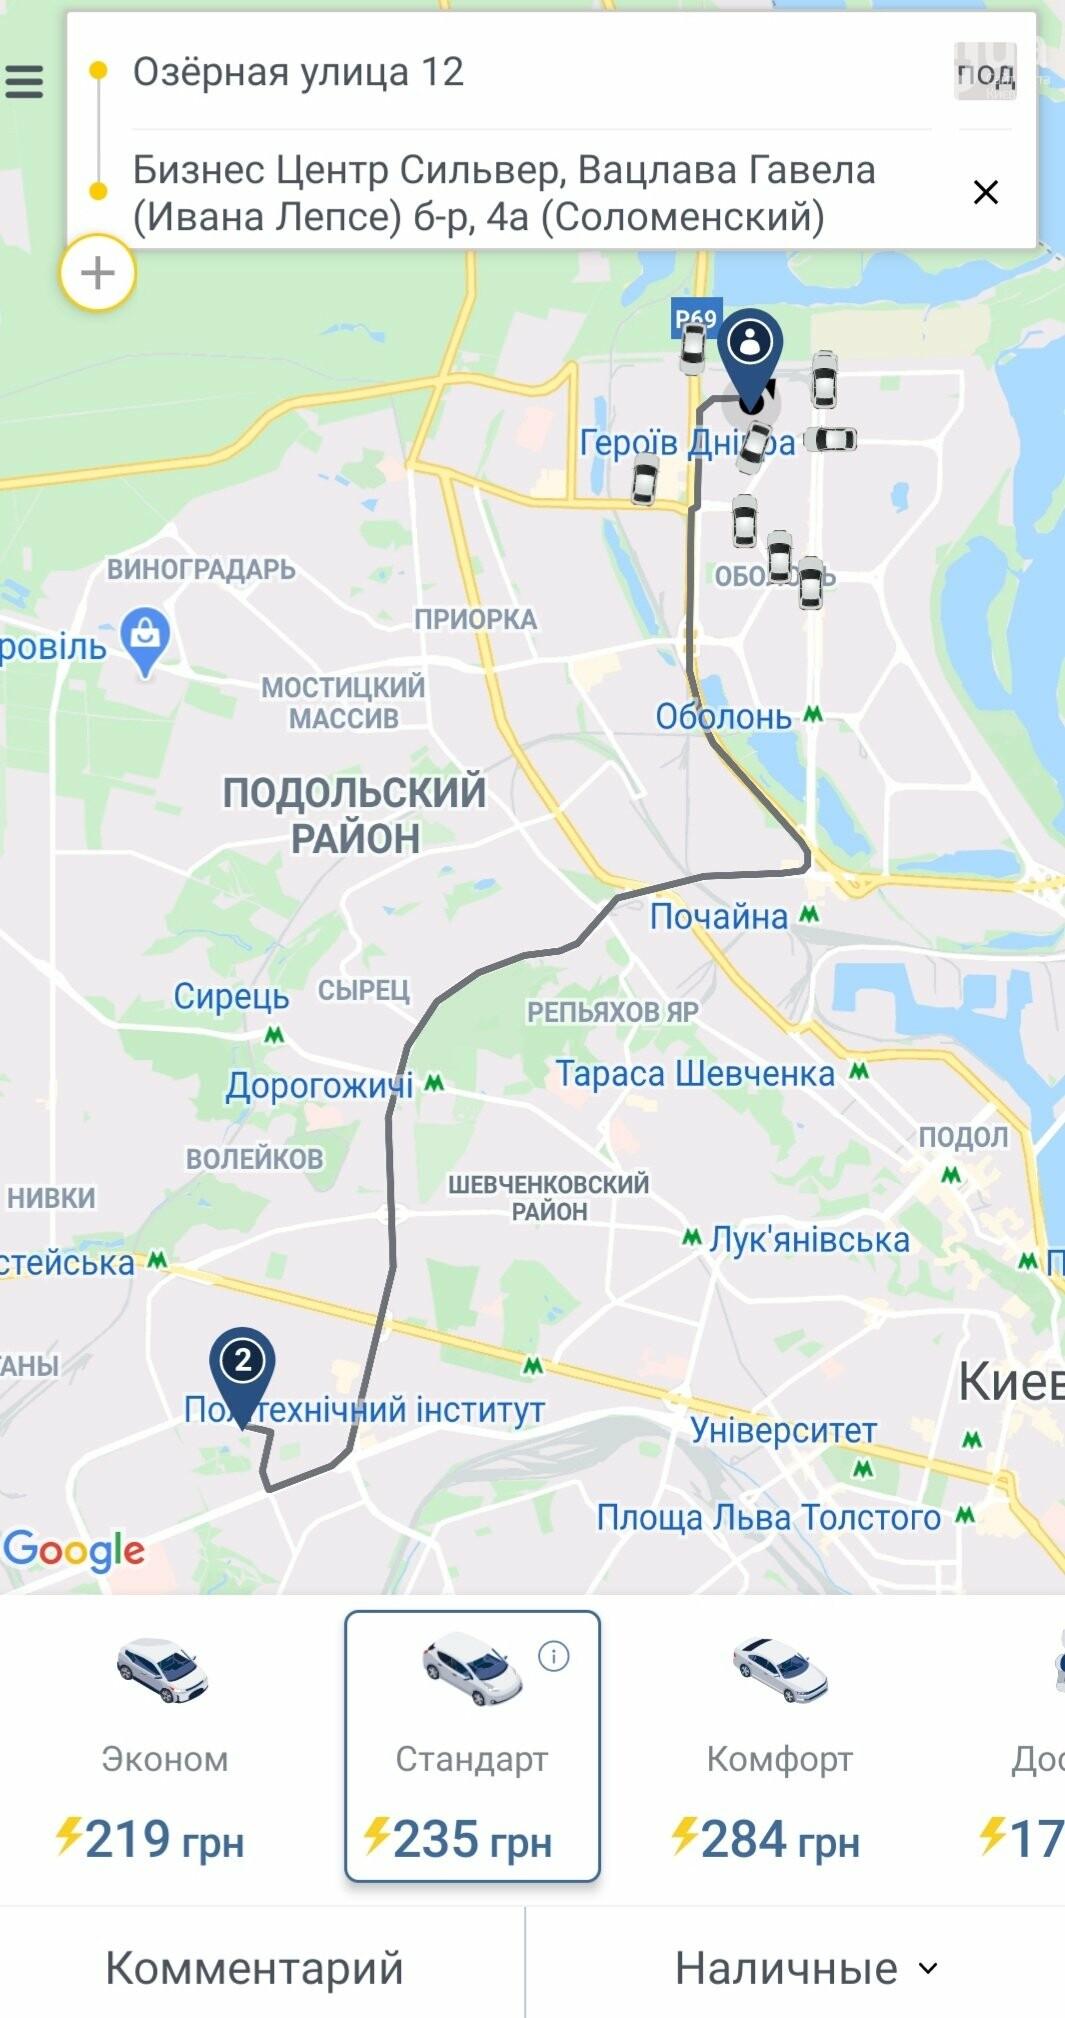 Второй день локдауна в Киеве: что с ценами на такси?